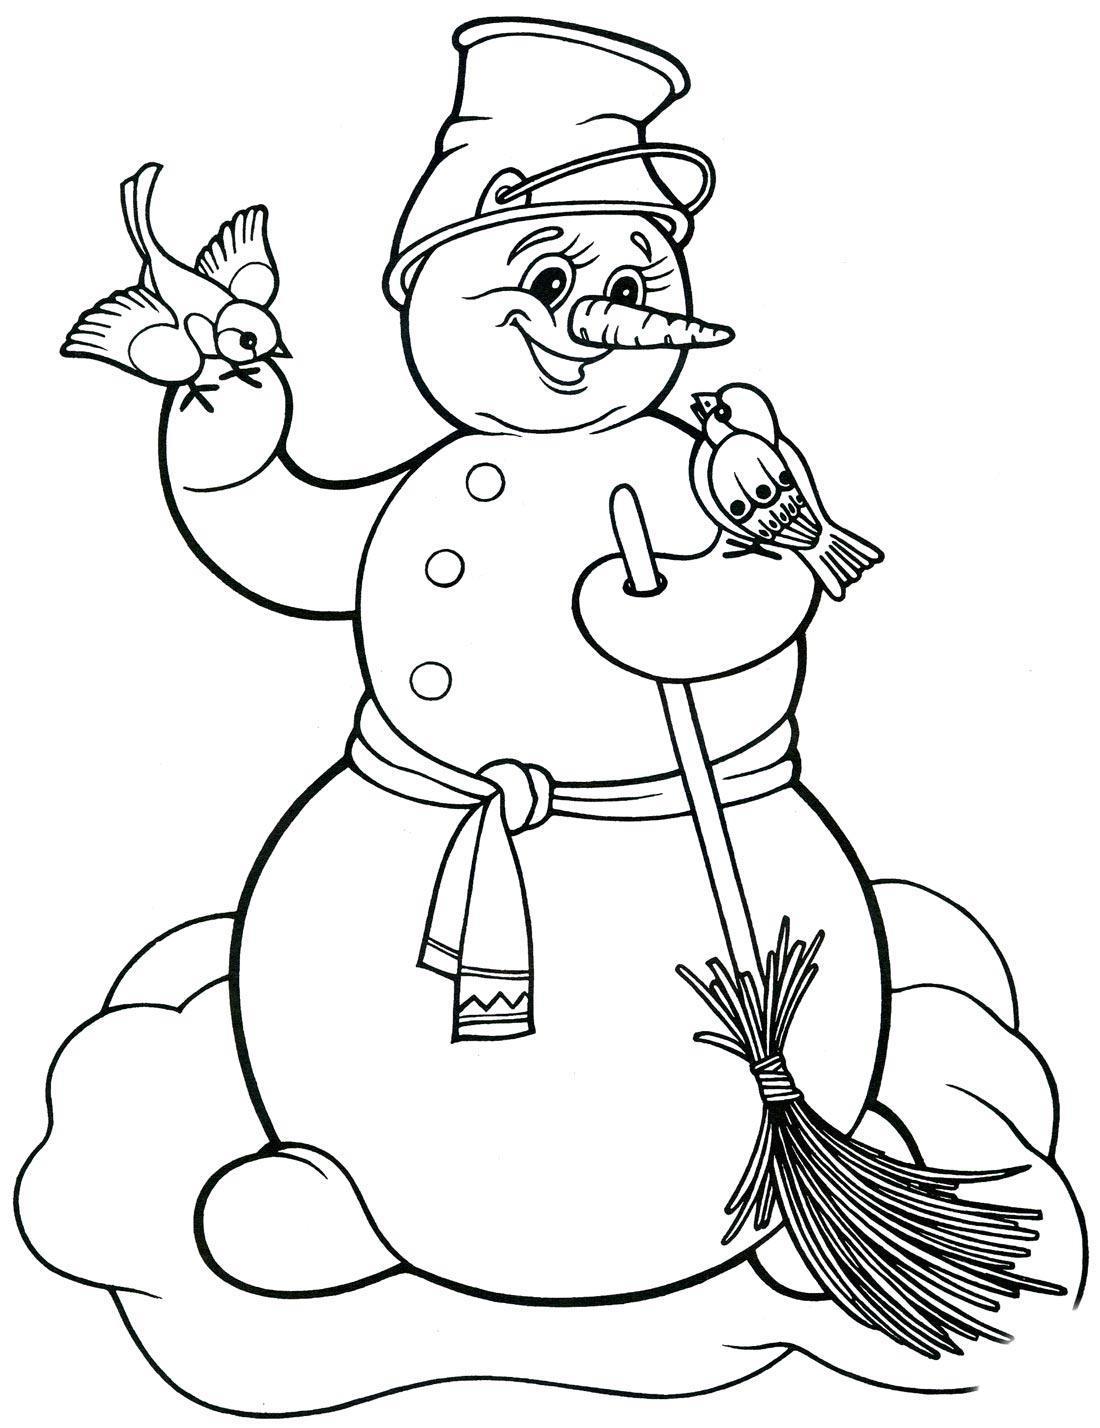 снеговик раскраска для детей 5 лет